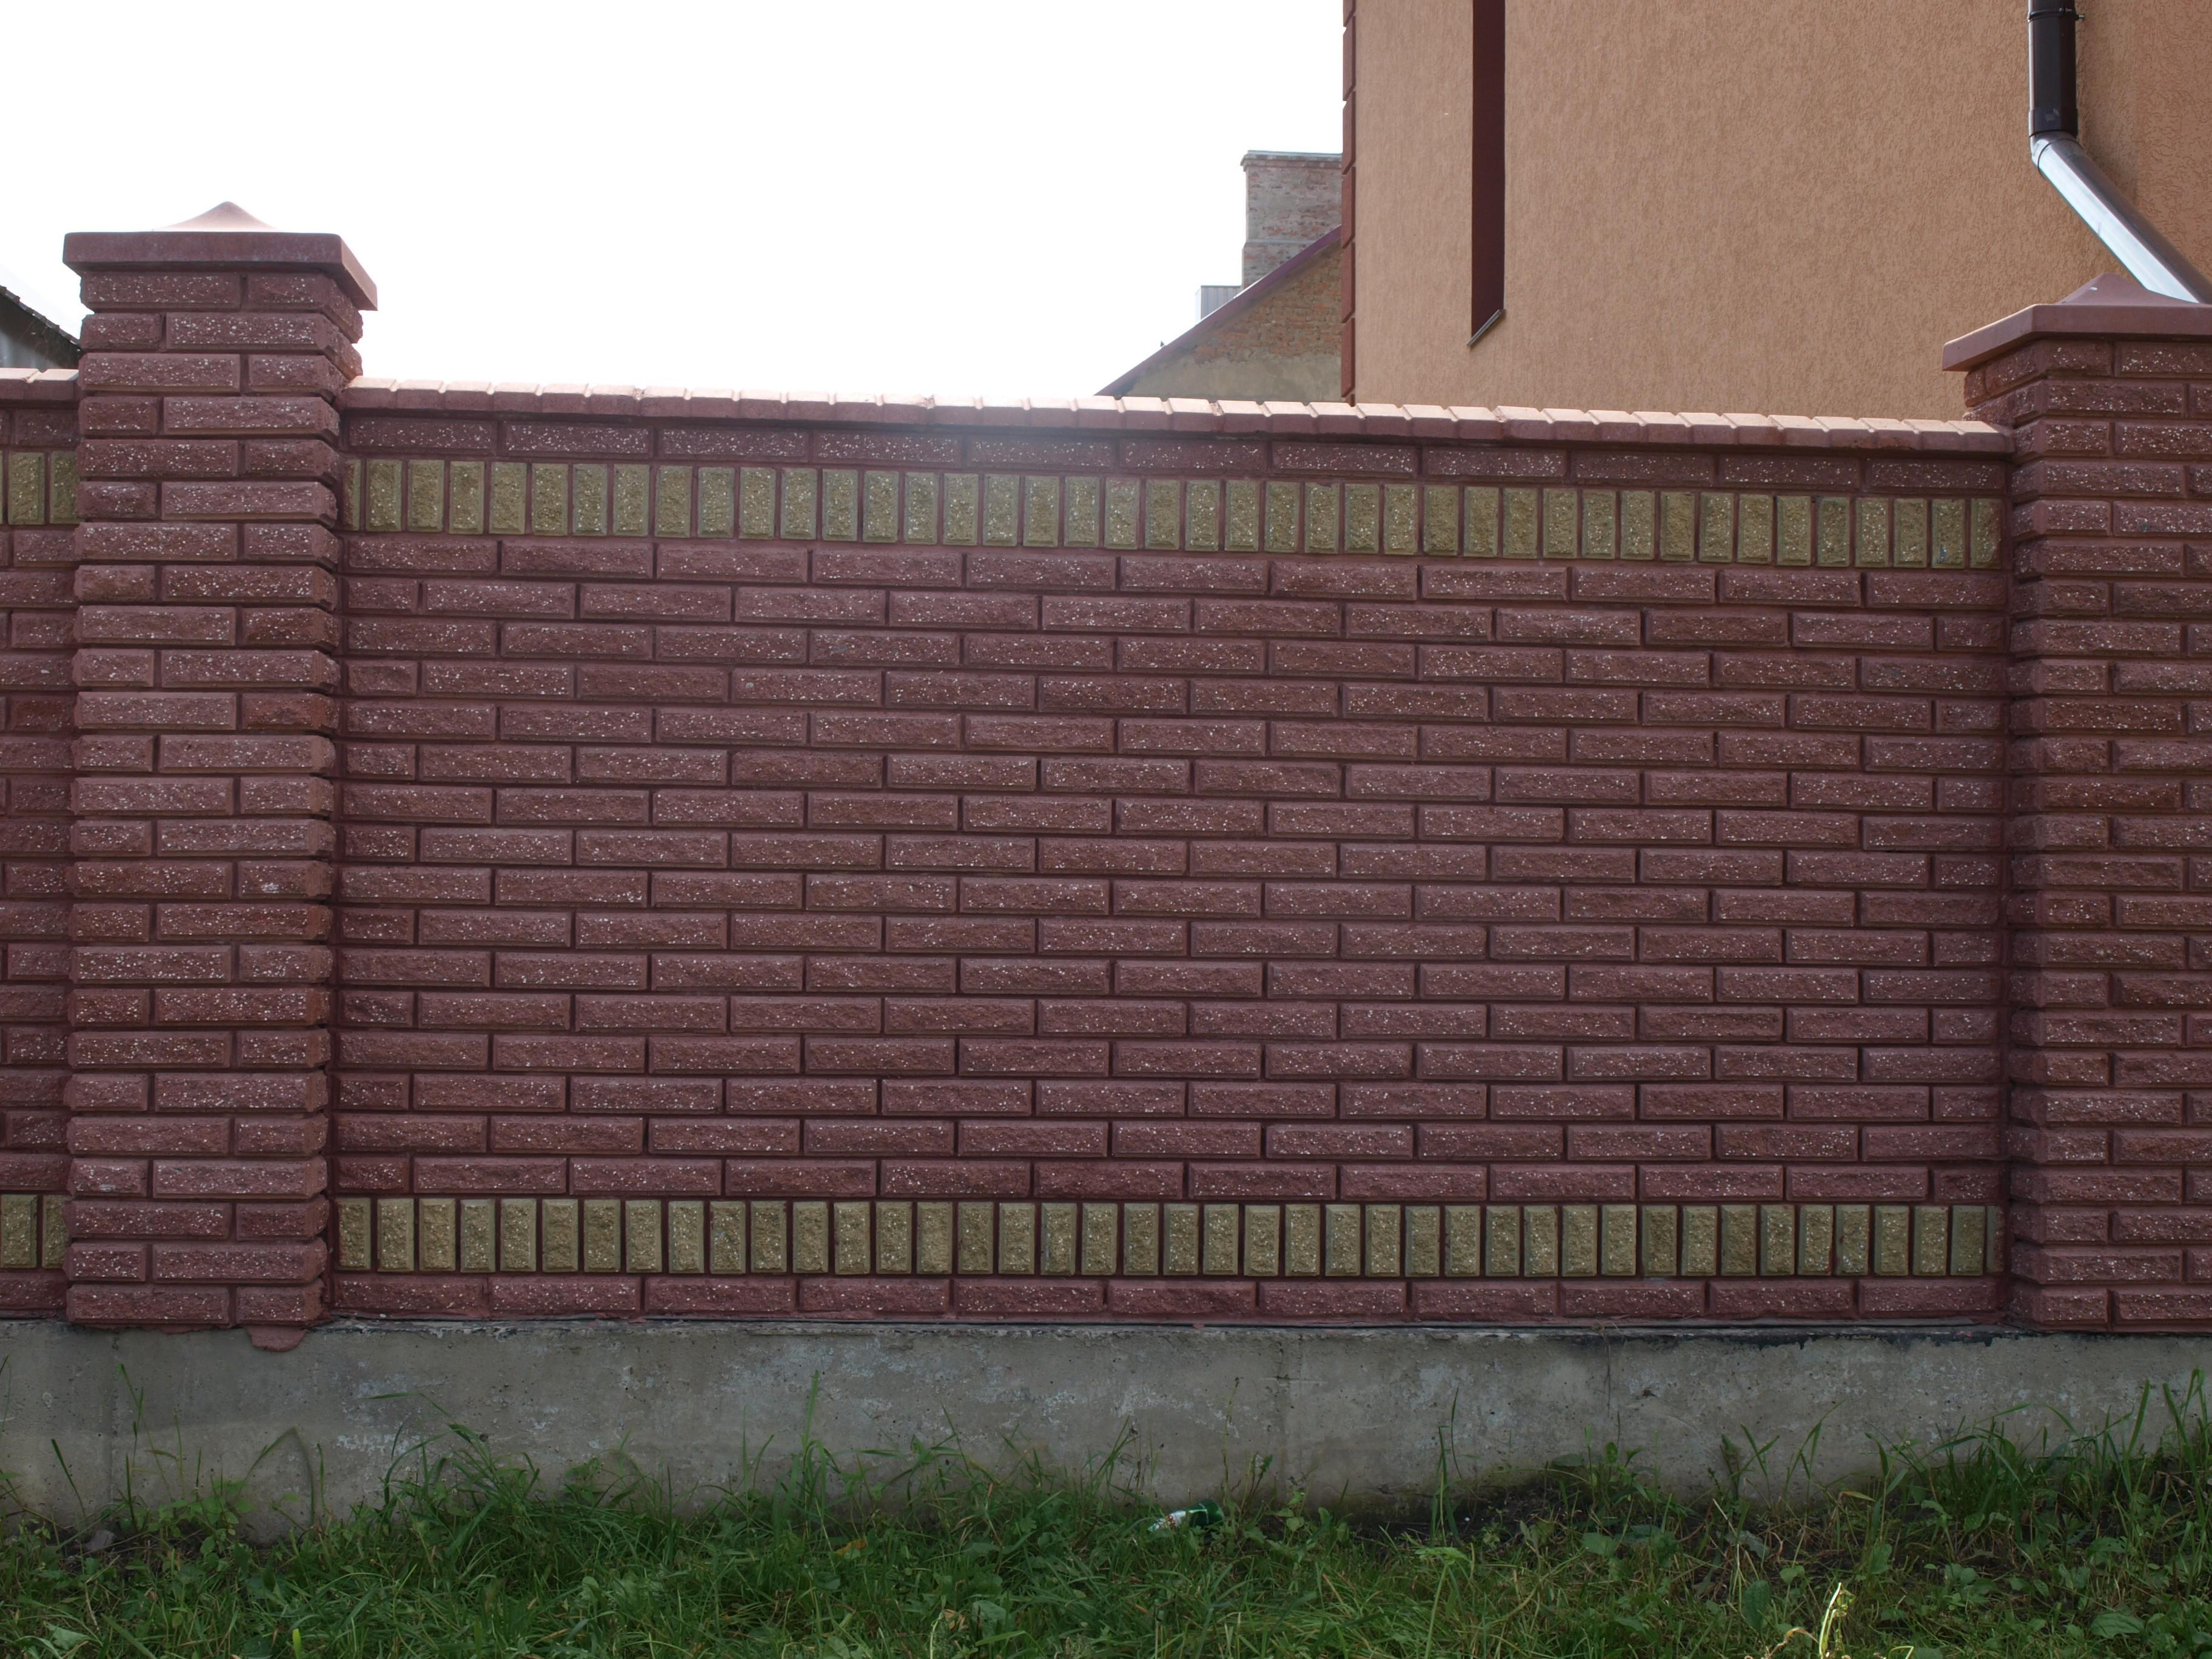 http://trotuar-bud.zp.ua/thumbnail//78/75/0/89387.JPG